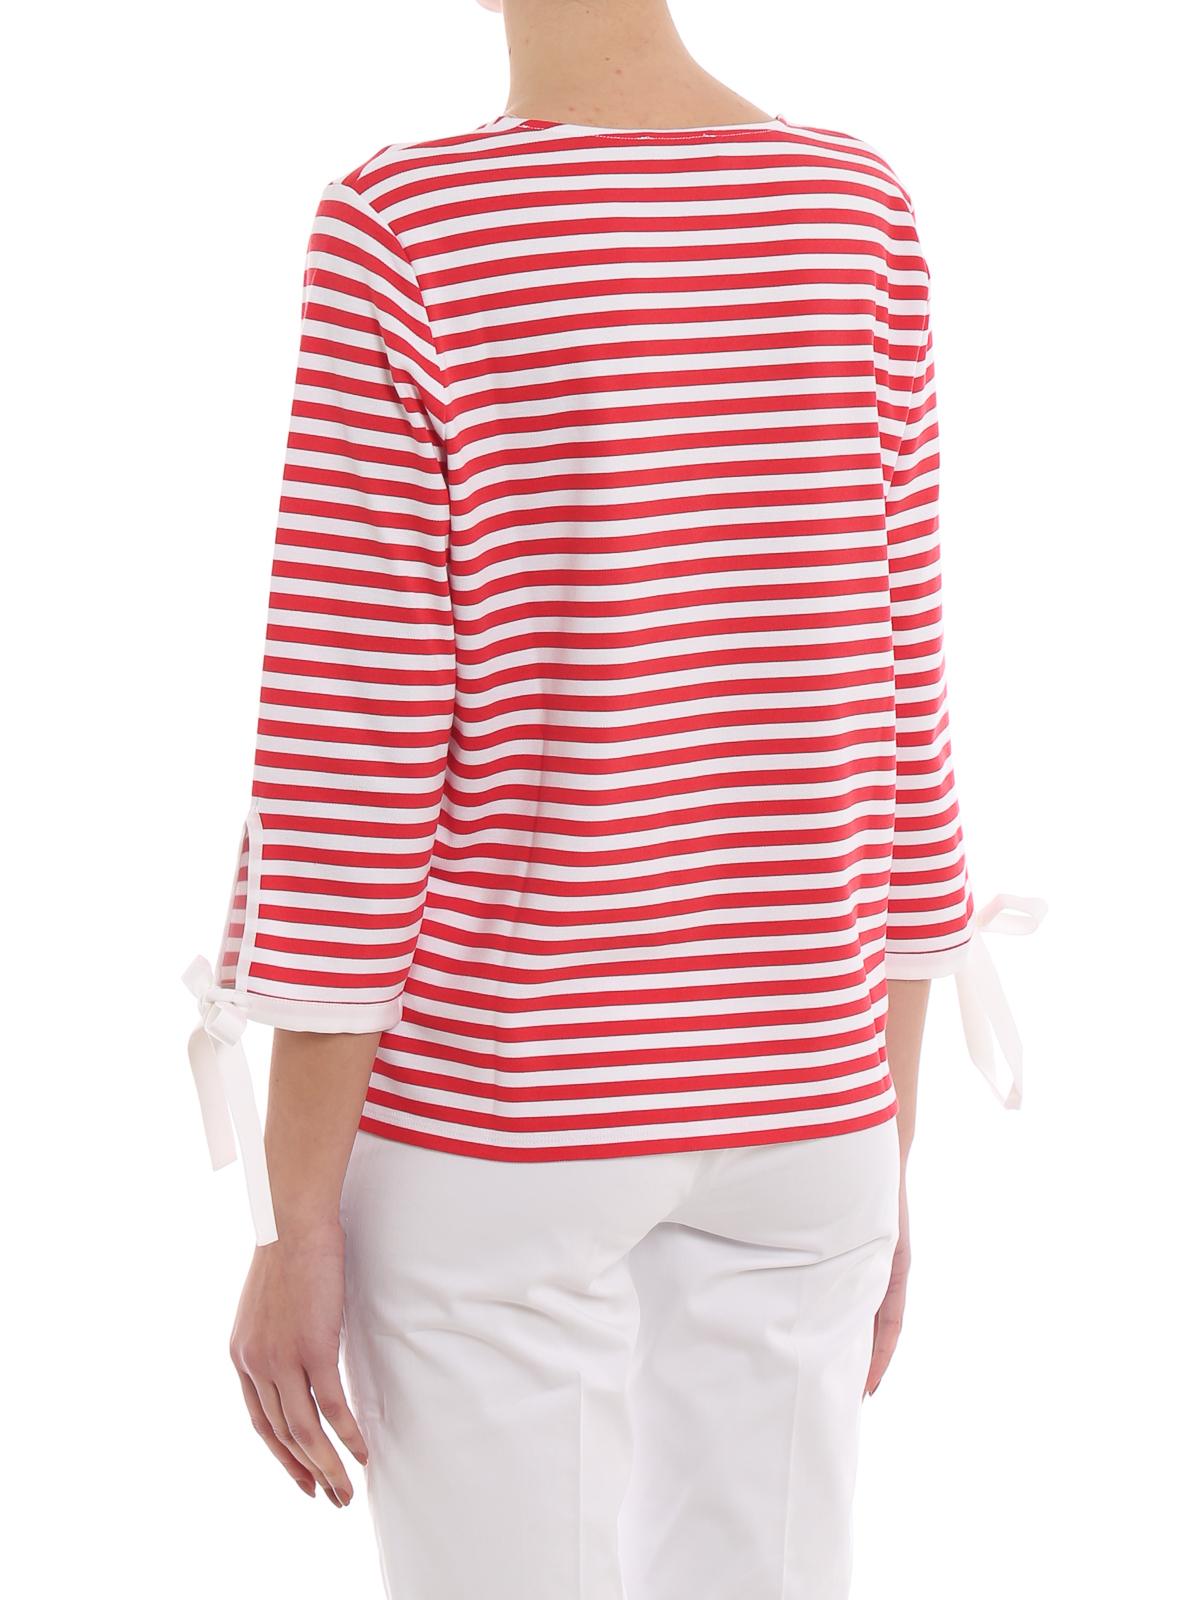 a basso prezzo 57b6d e5a59 Fay - Blusa a righe bianche e rosse con fiocchi - bluse ...